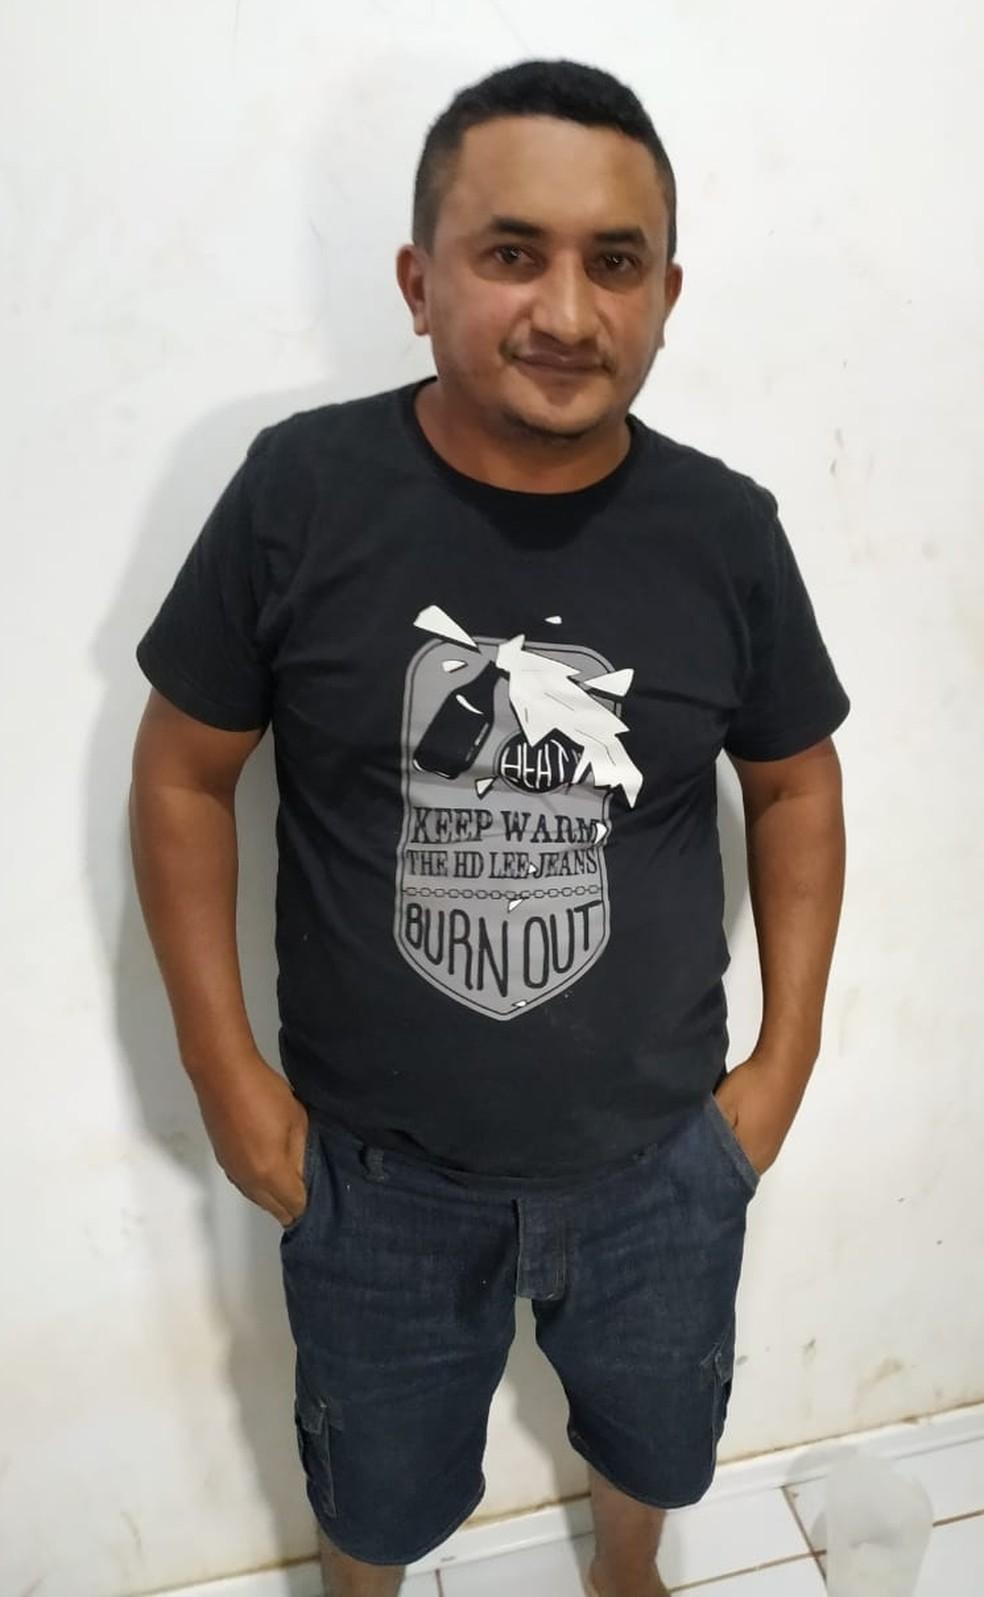 Charleylson Bezerra da Silva preso em Zé Doca por crimes de estelionato — Foto: Divulgação / Polícia Civil